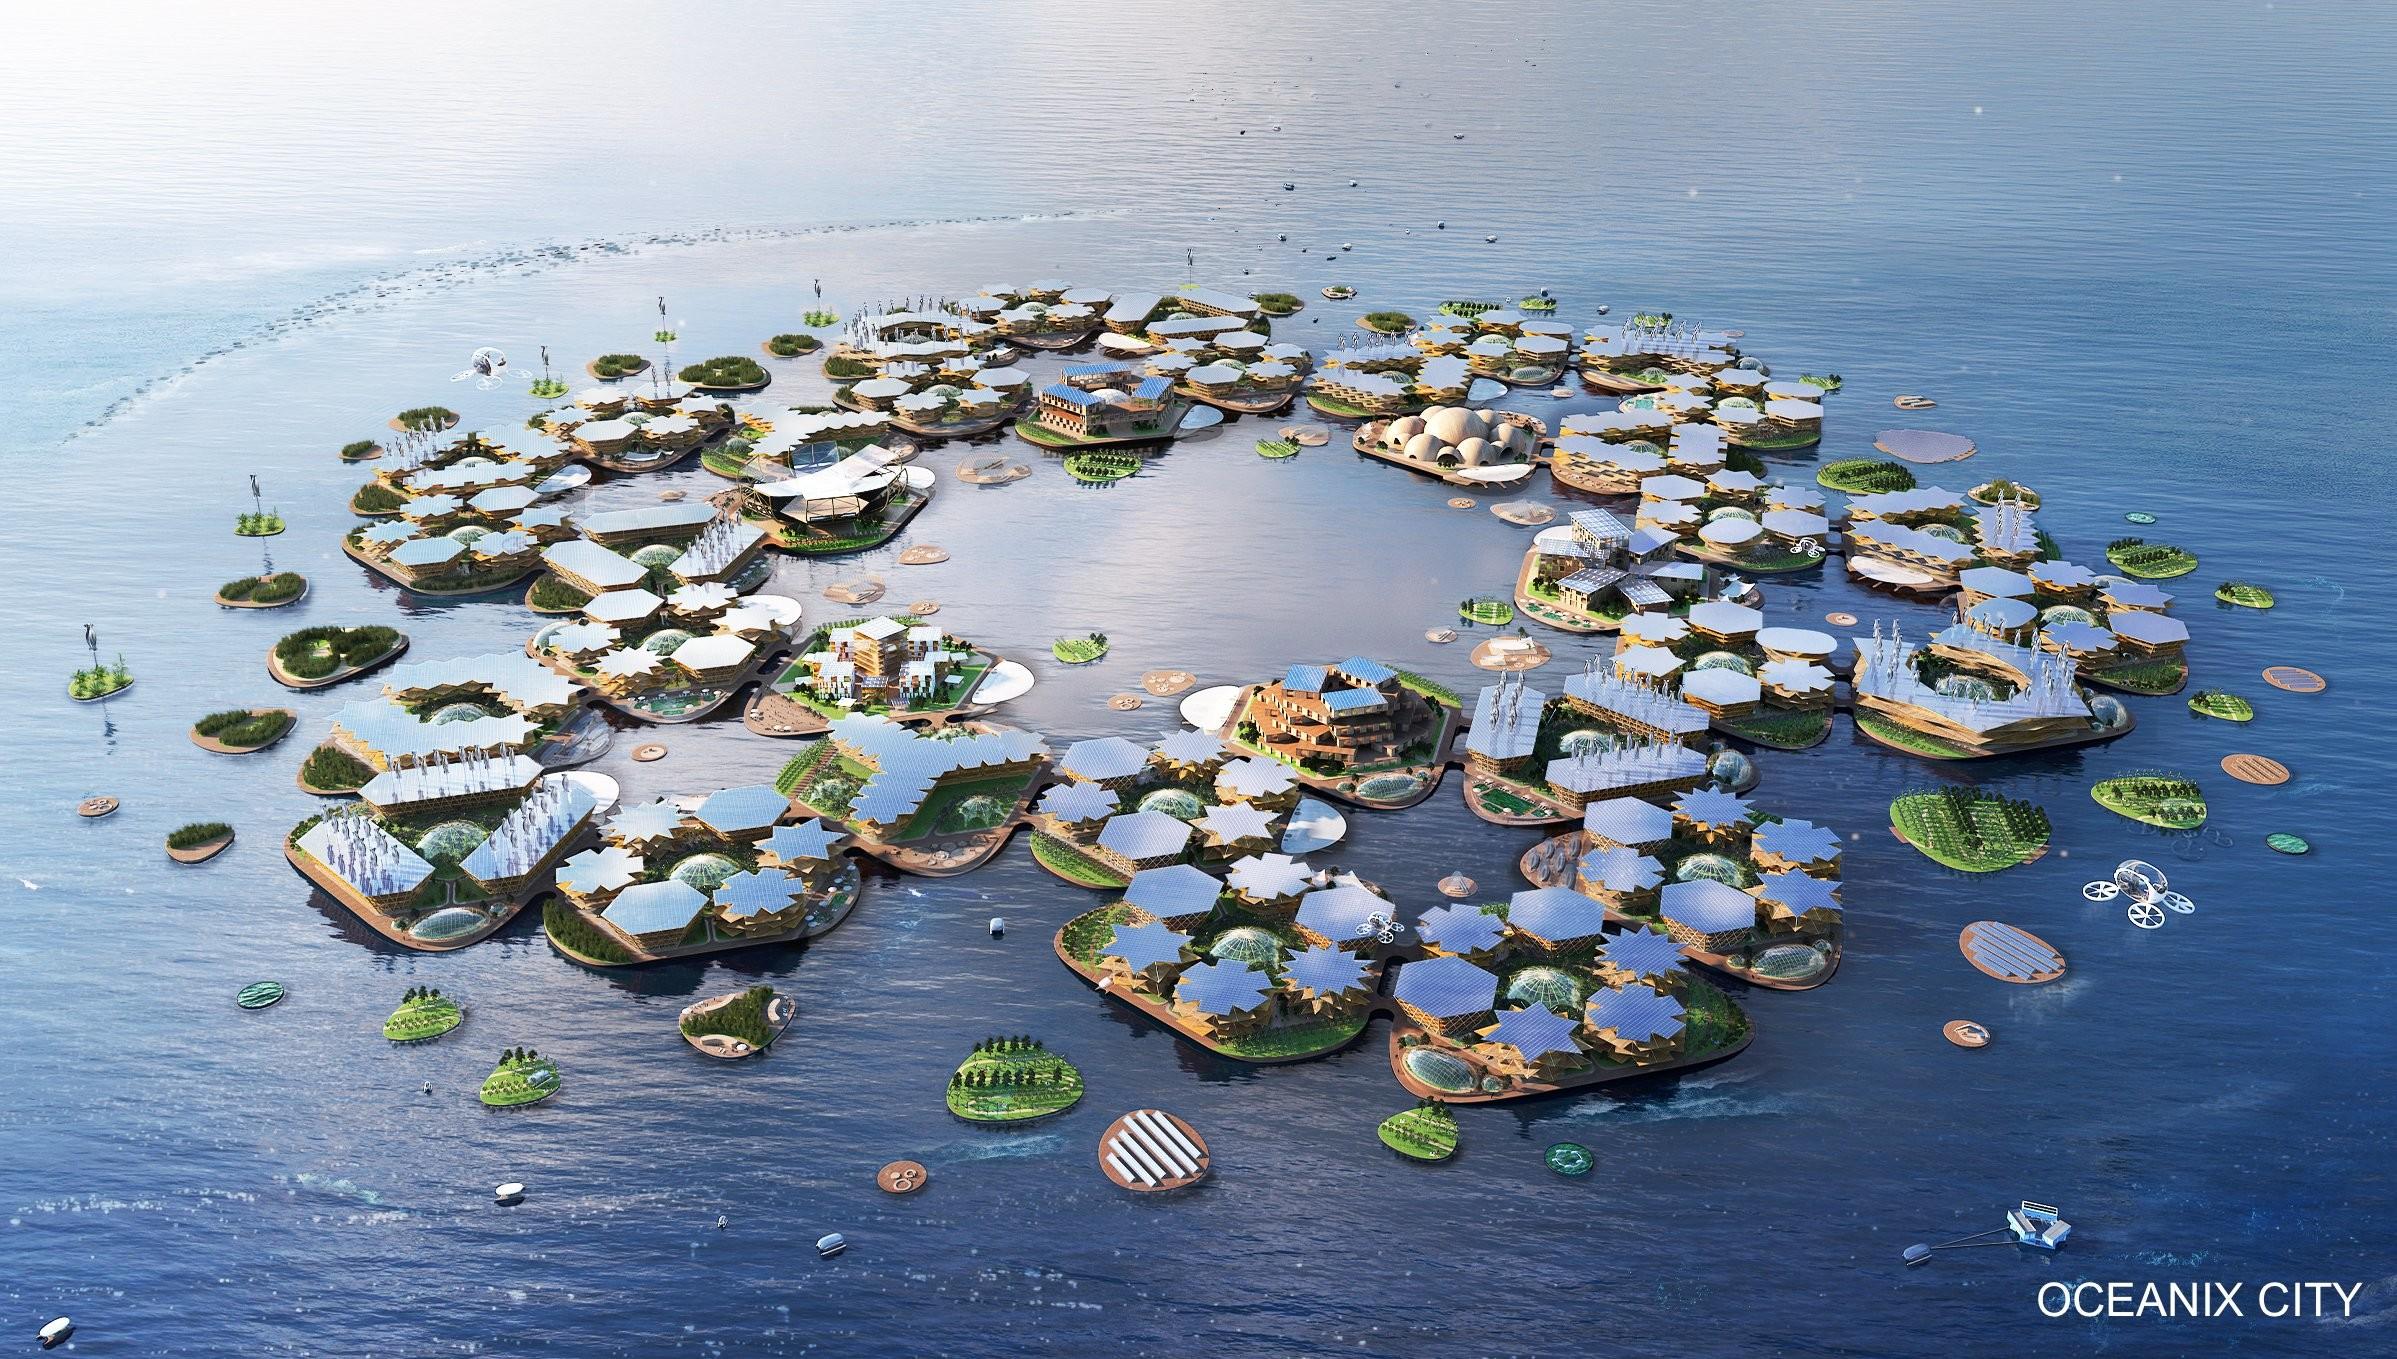 L'aspetto che avrà la città galleggiante